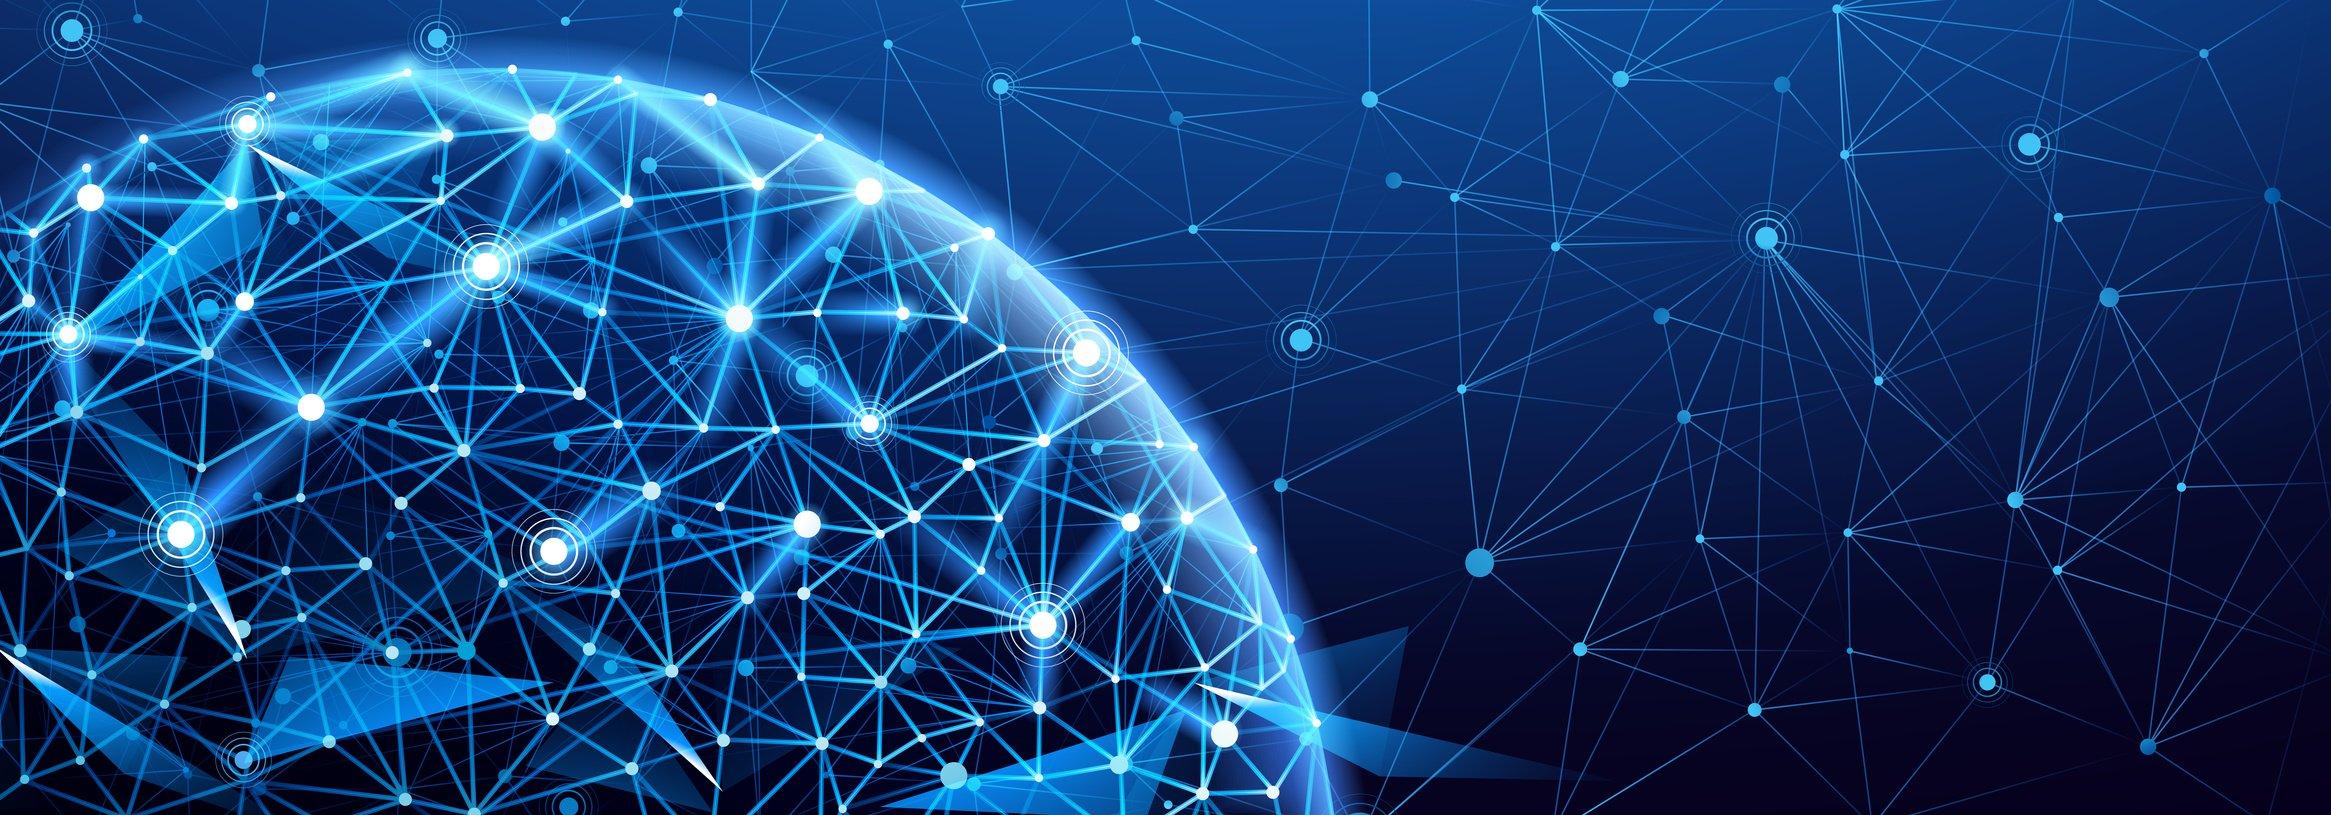 Digitalisierung_Welt